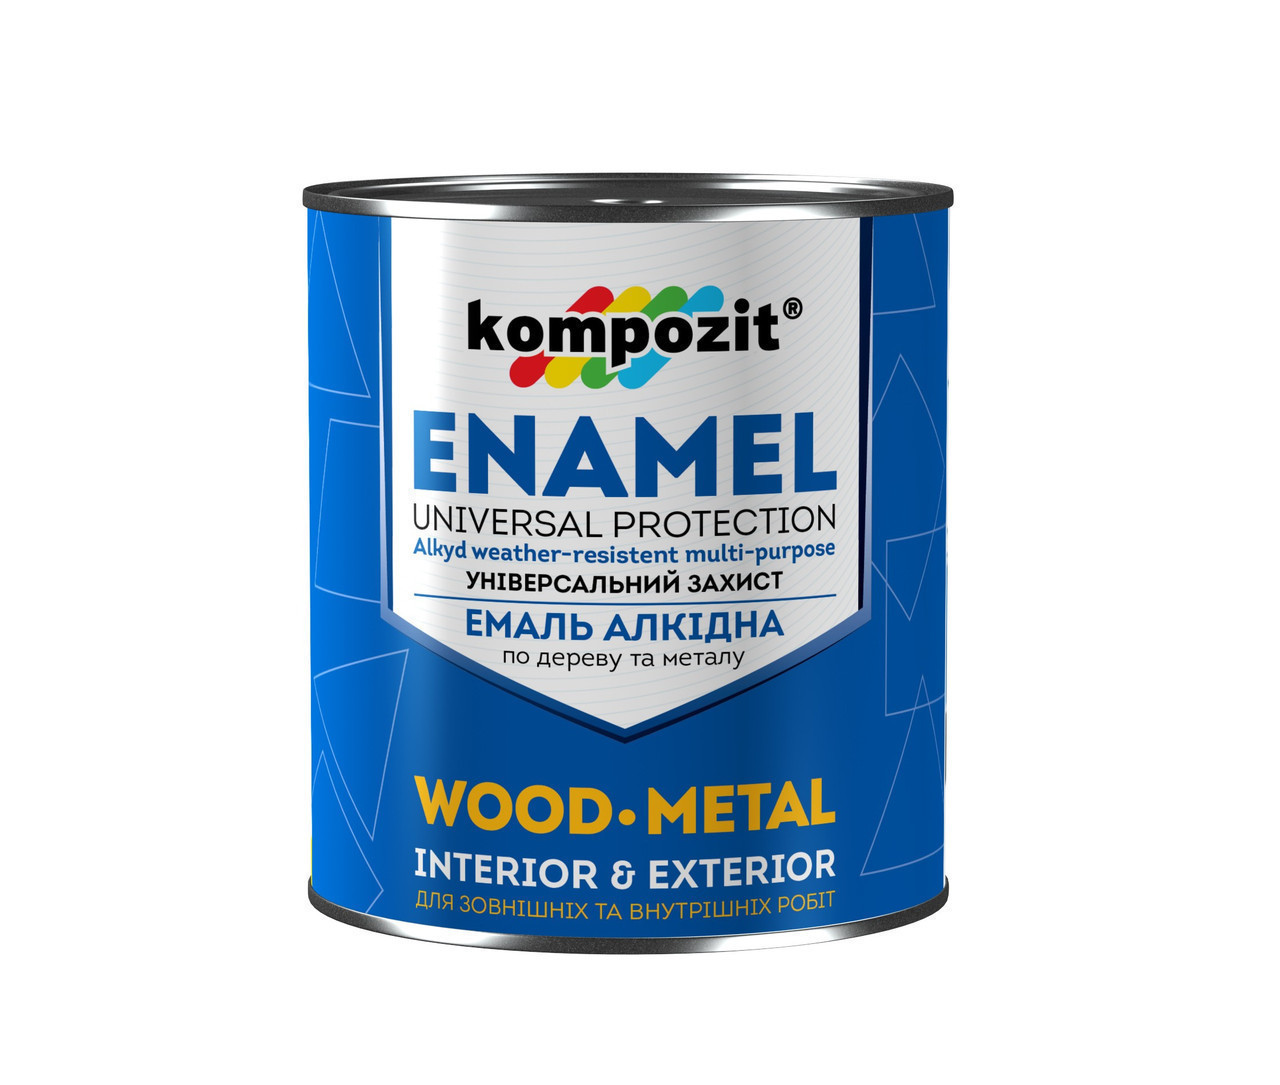 Емаль алкідна по дереву і металу Kompozit Enamel 2.8 кг Захисний